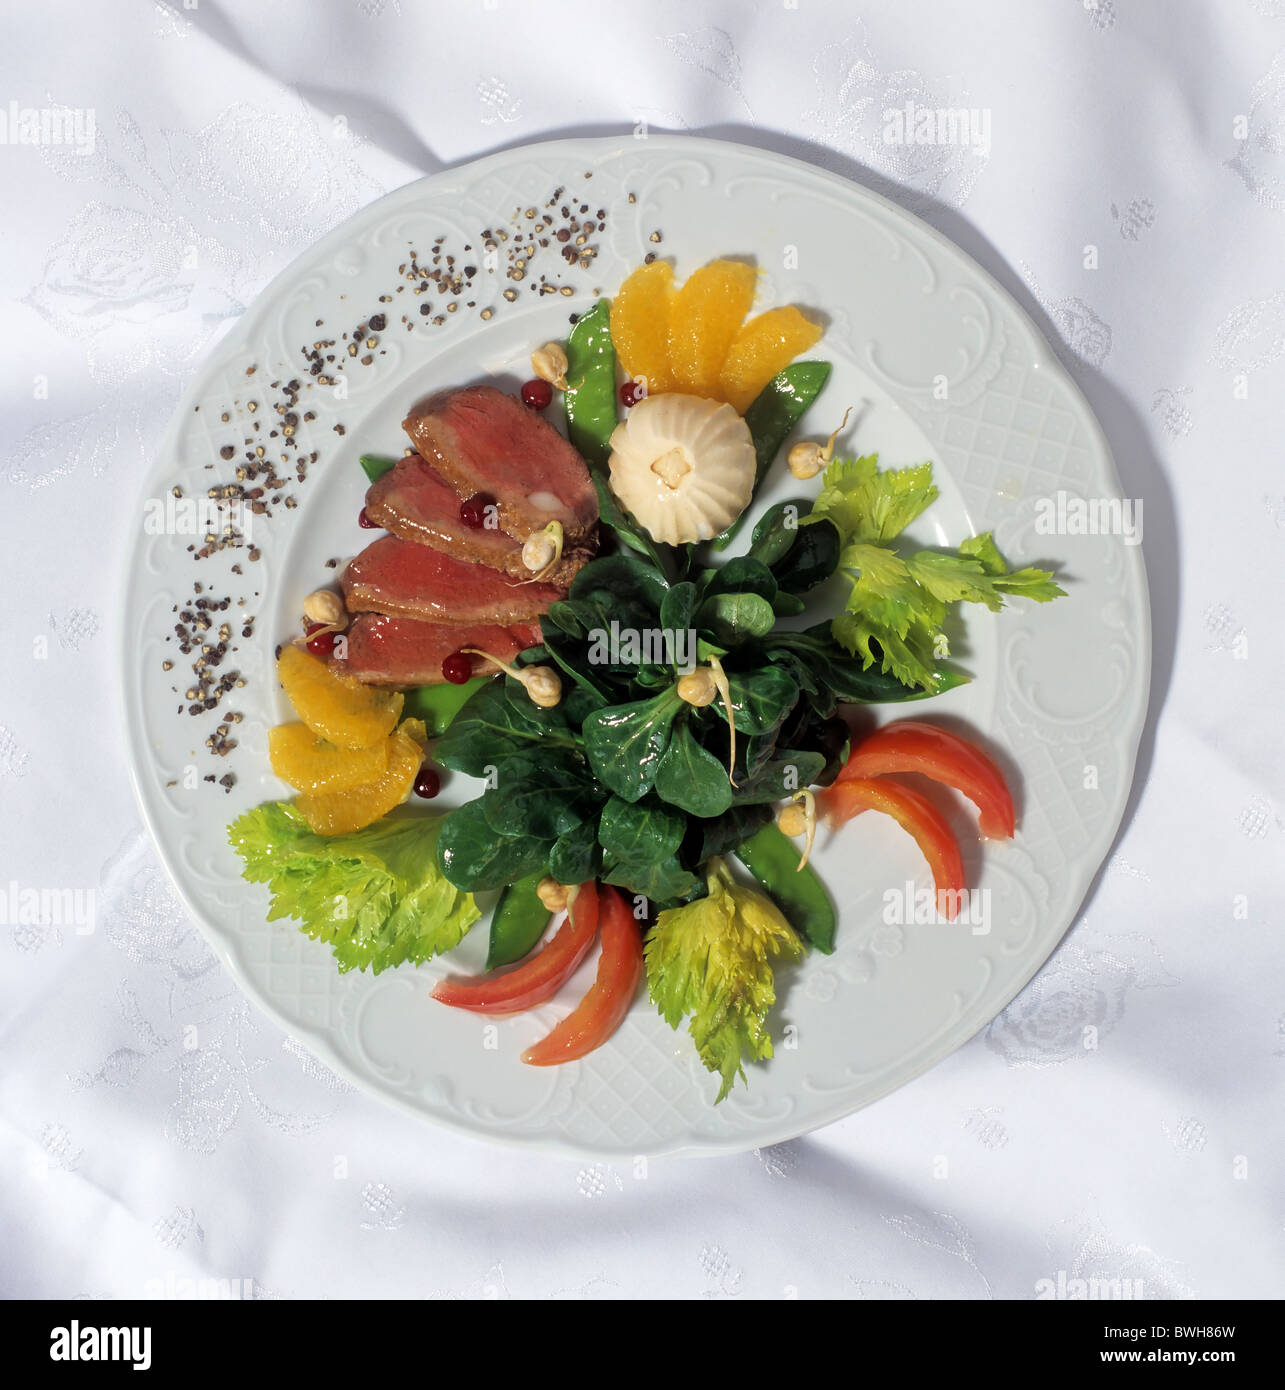 Haute Cuisine: Low-calorie Gourmet Dish à La Haute Cuisine With Delicate